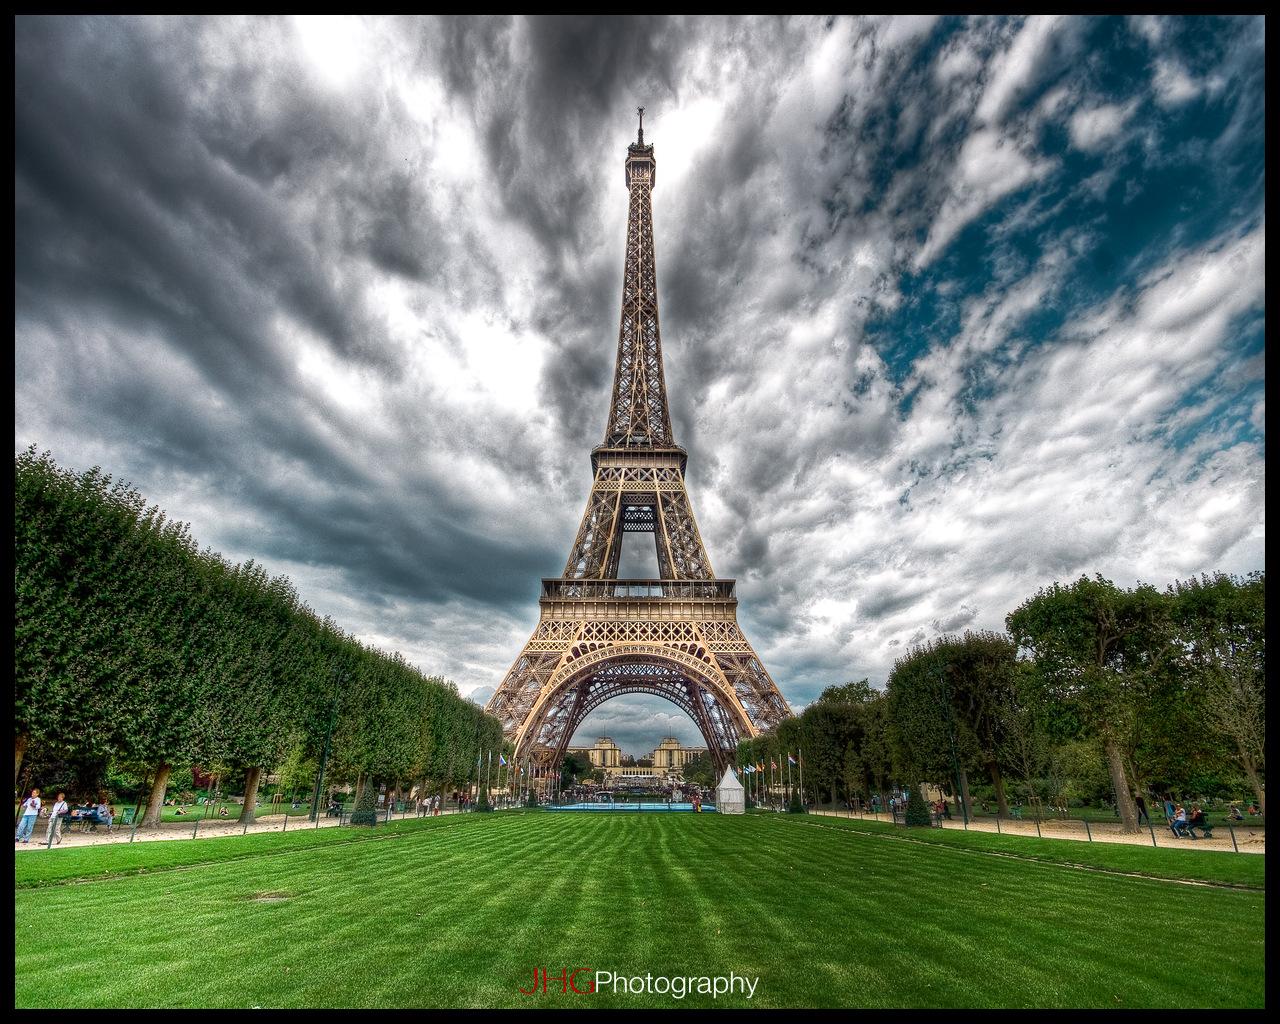 Paris Wallpaper - JHG Photography - Photographe en Suisse ...